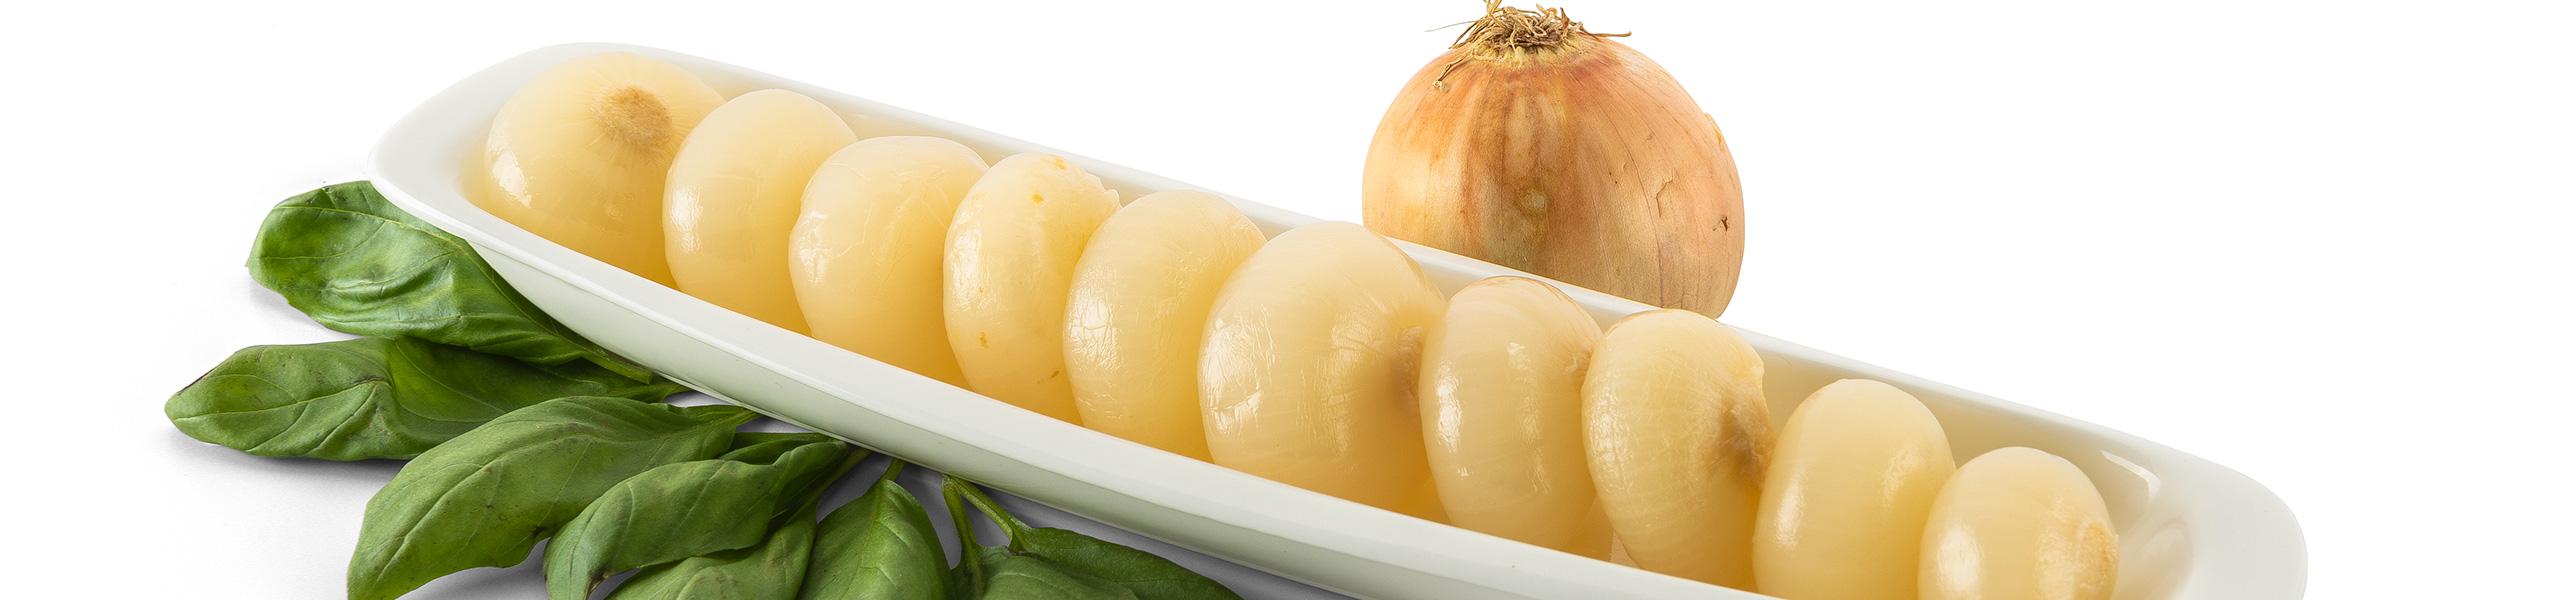 Cipolle Borretane al naturale